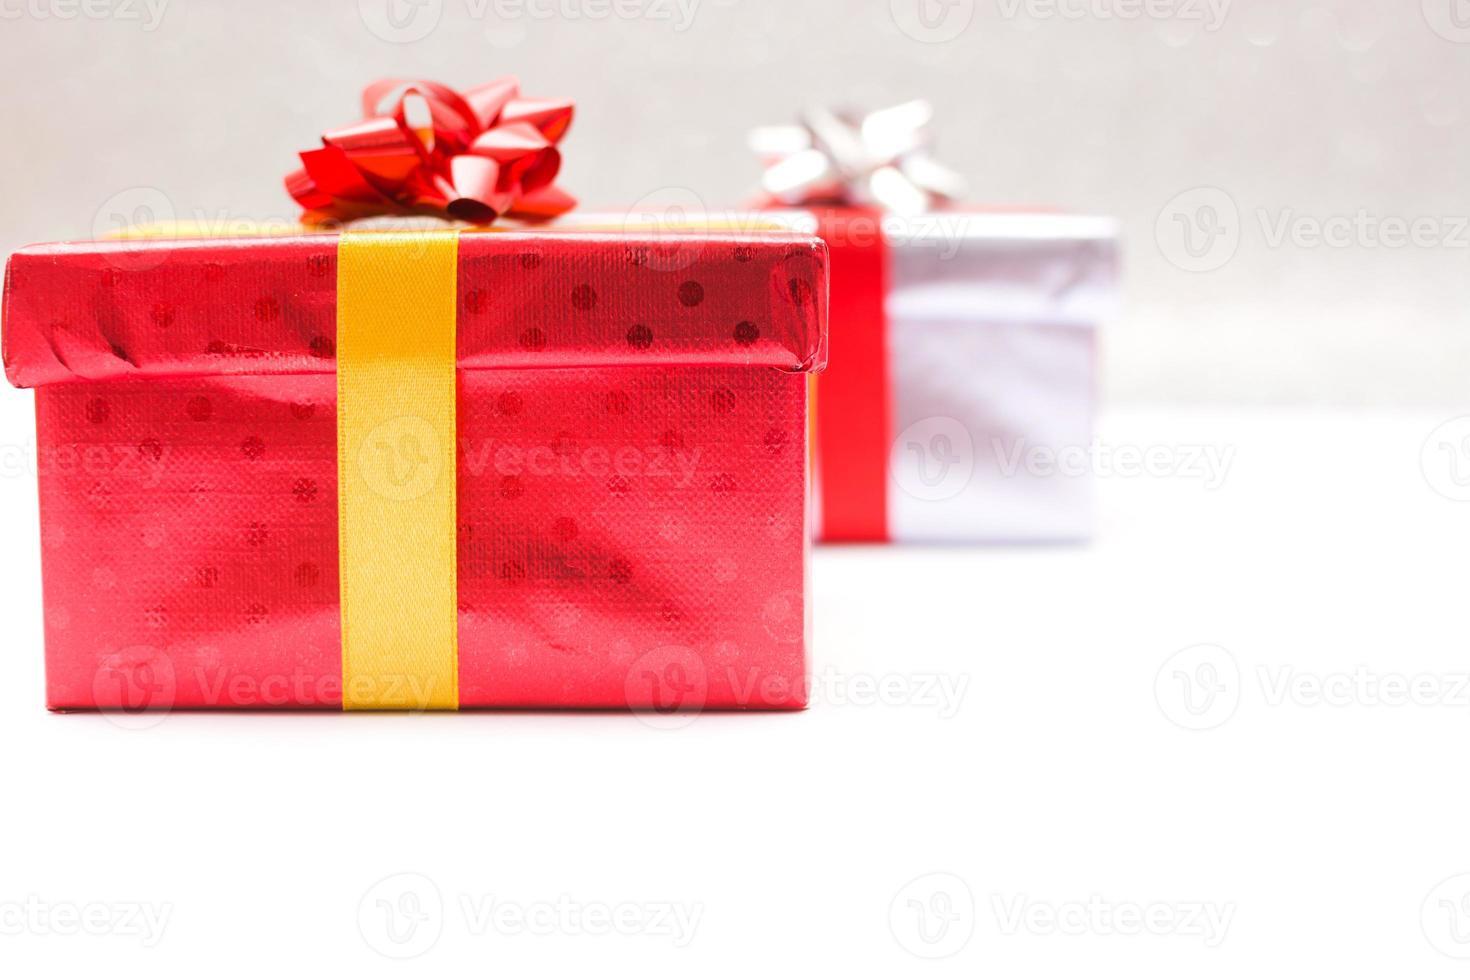 coffrets cadeaux photo